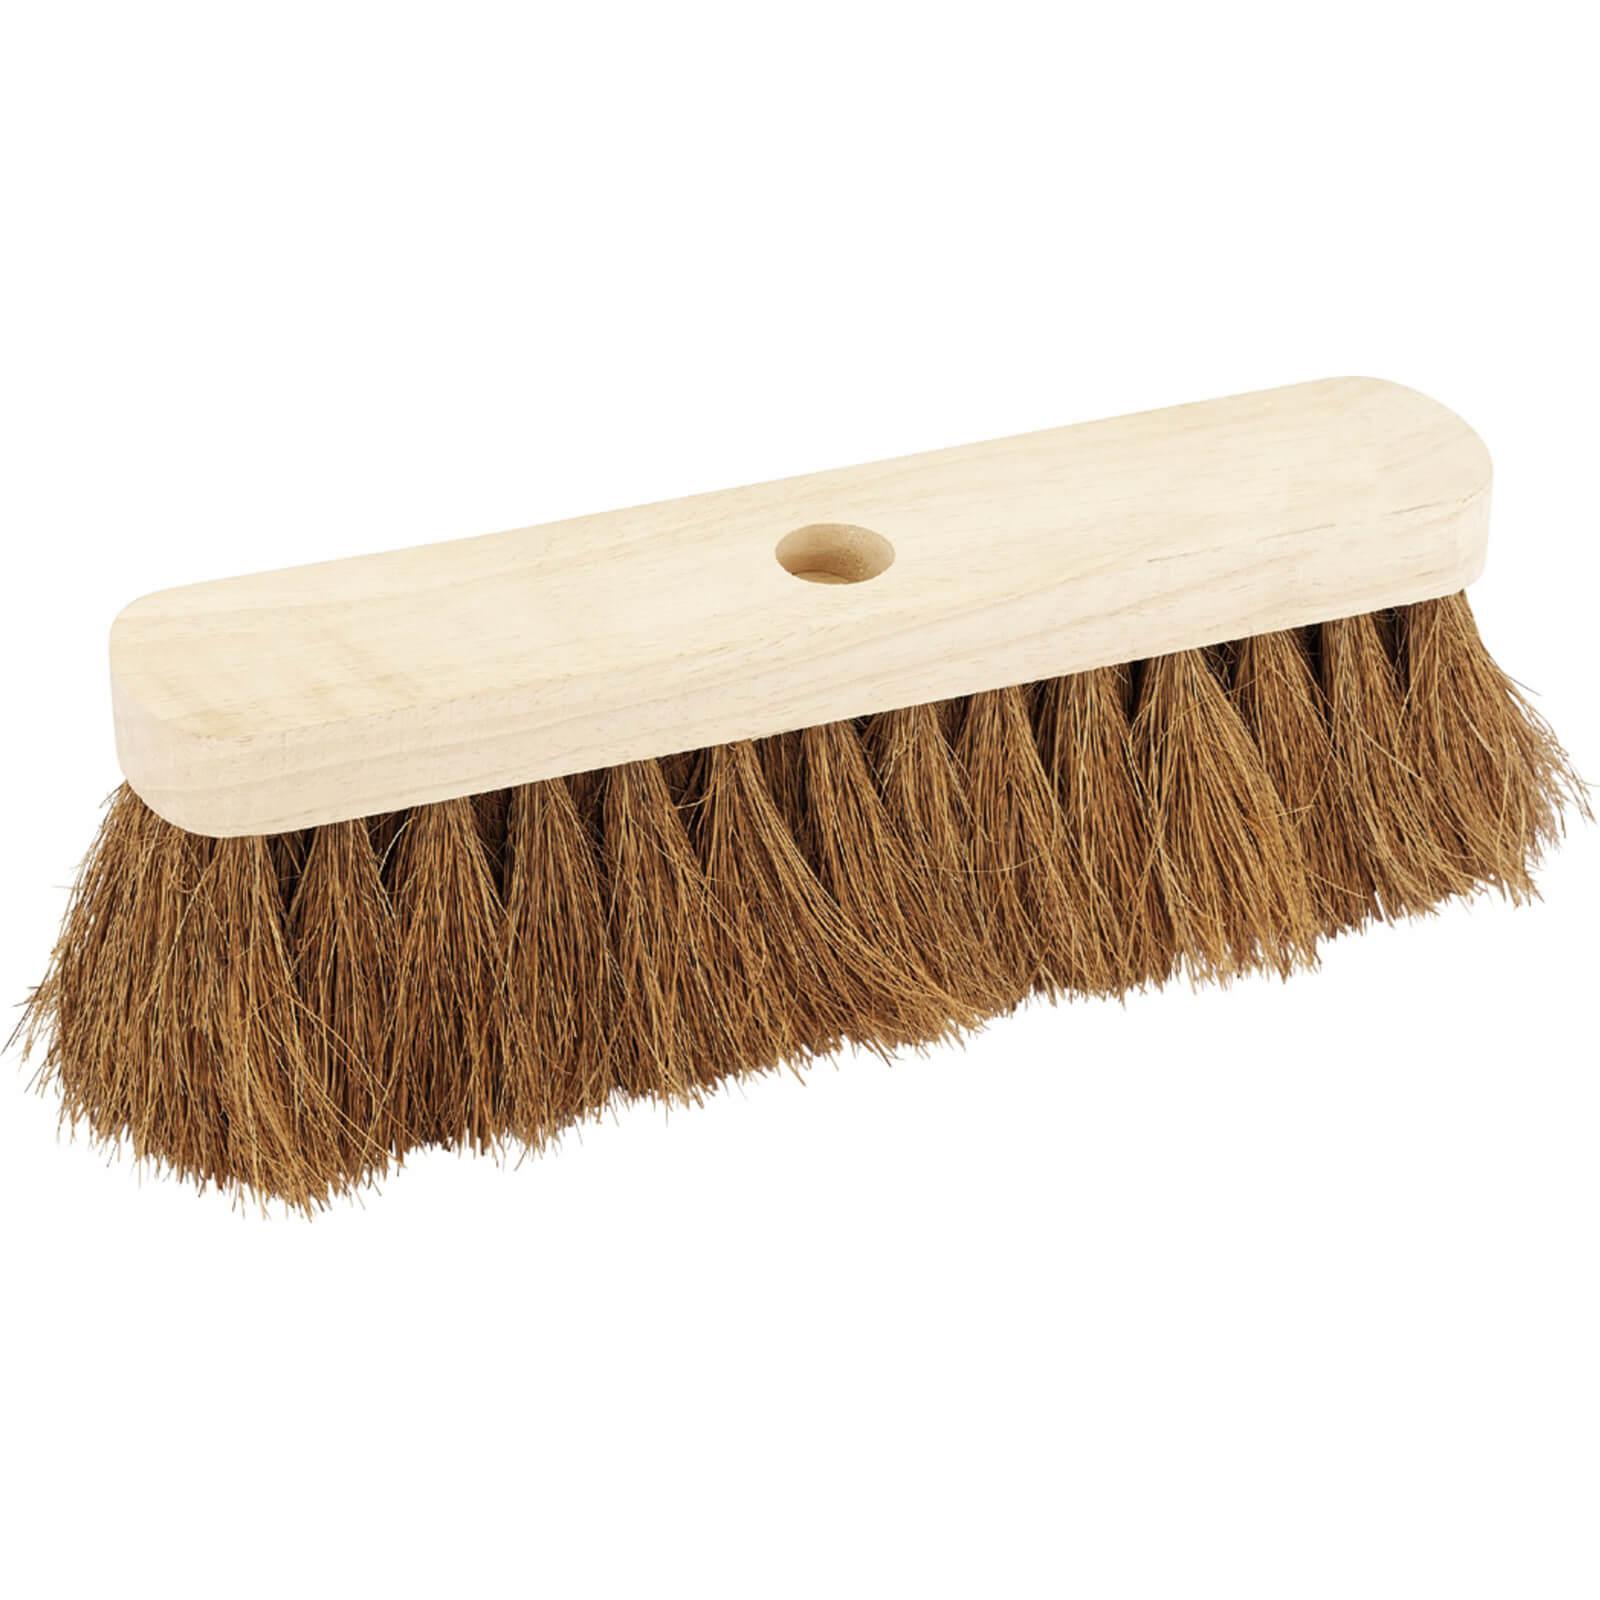 """Image of Draper Soft Coco Broom Head 12"""""""